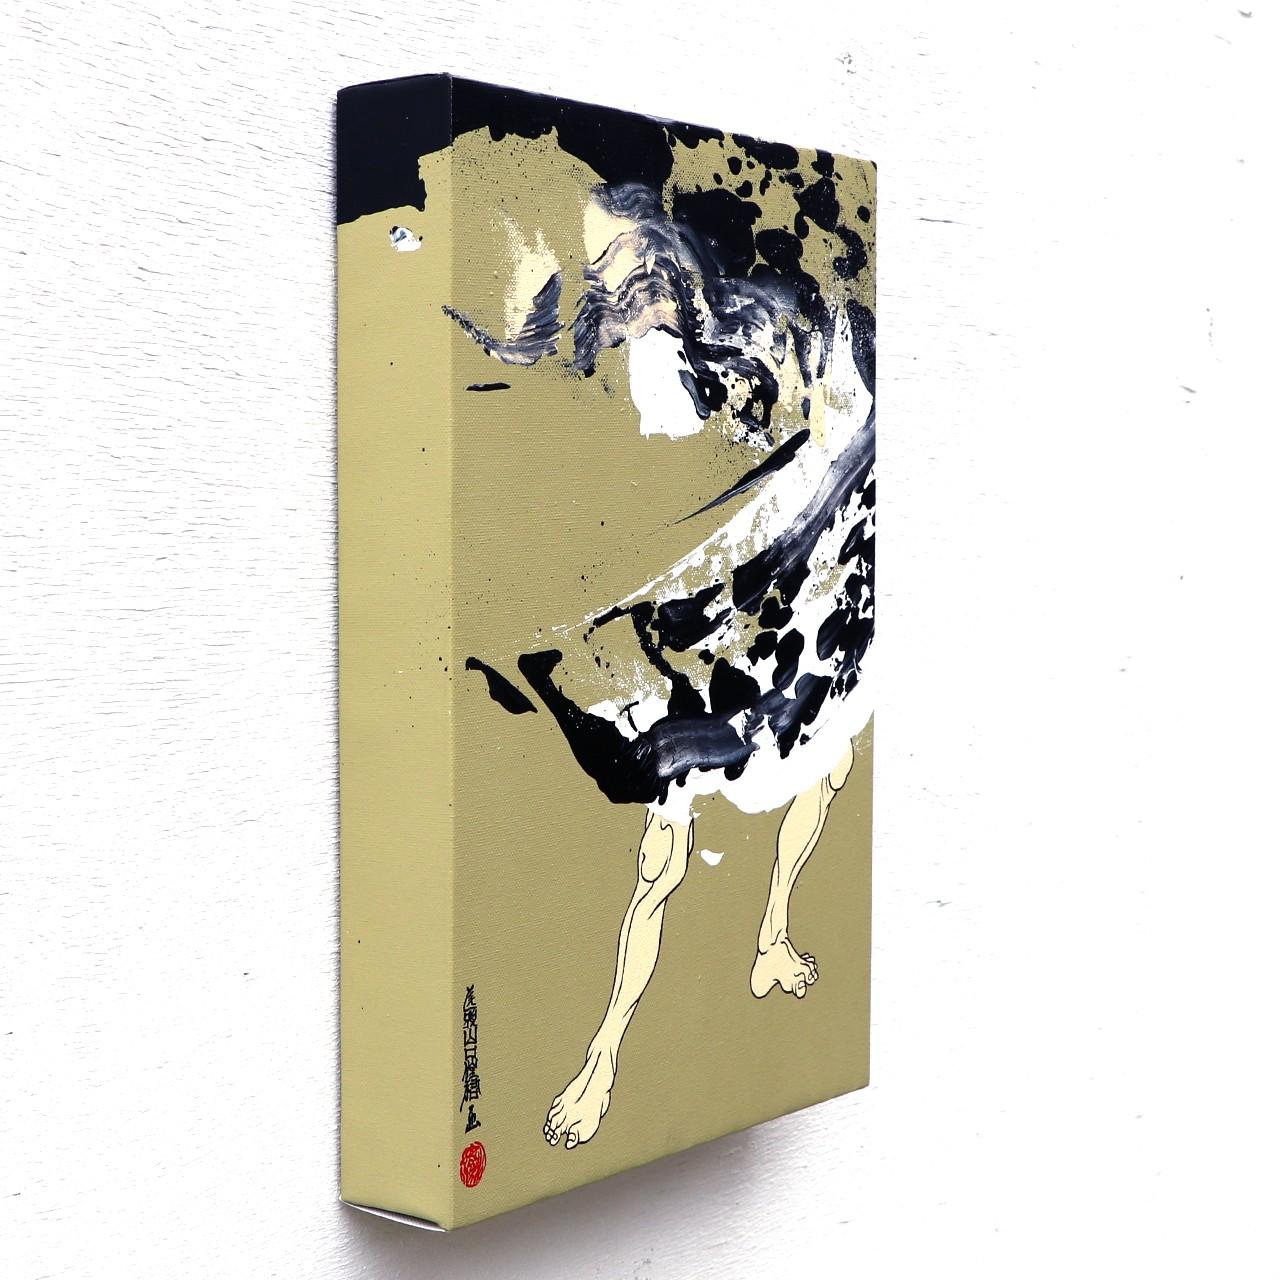 【2020年歳末セール 12/31まで】10%OFFクーポン及びカタログ2冊プレゼント!!